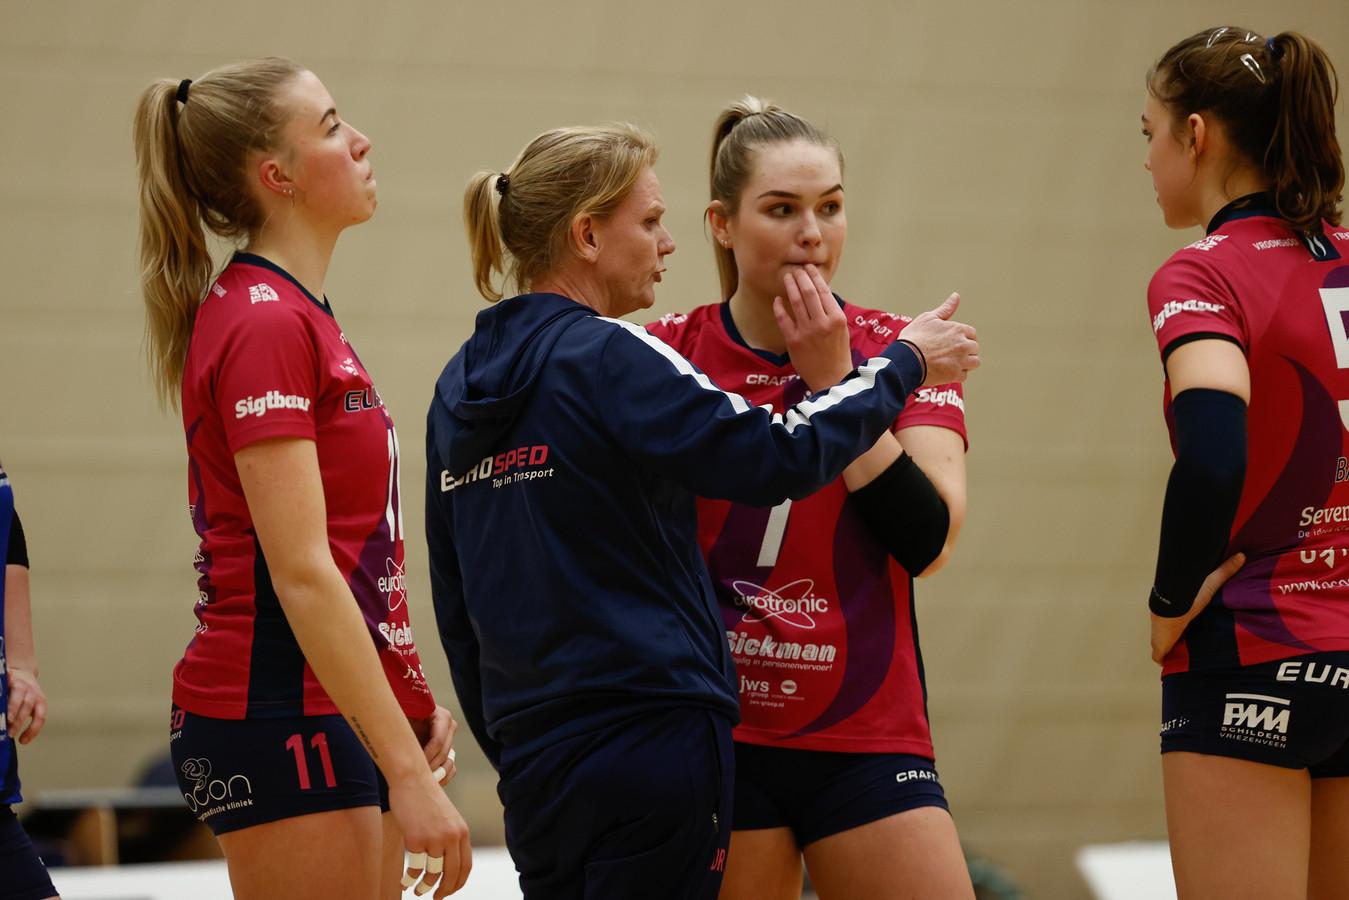 Charlot Vellener (tweede van rechts) luistert naar de aanwijzingen van coach Diane Rademaker van Team Eurosped.